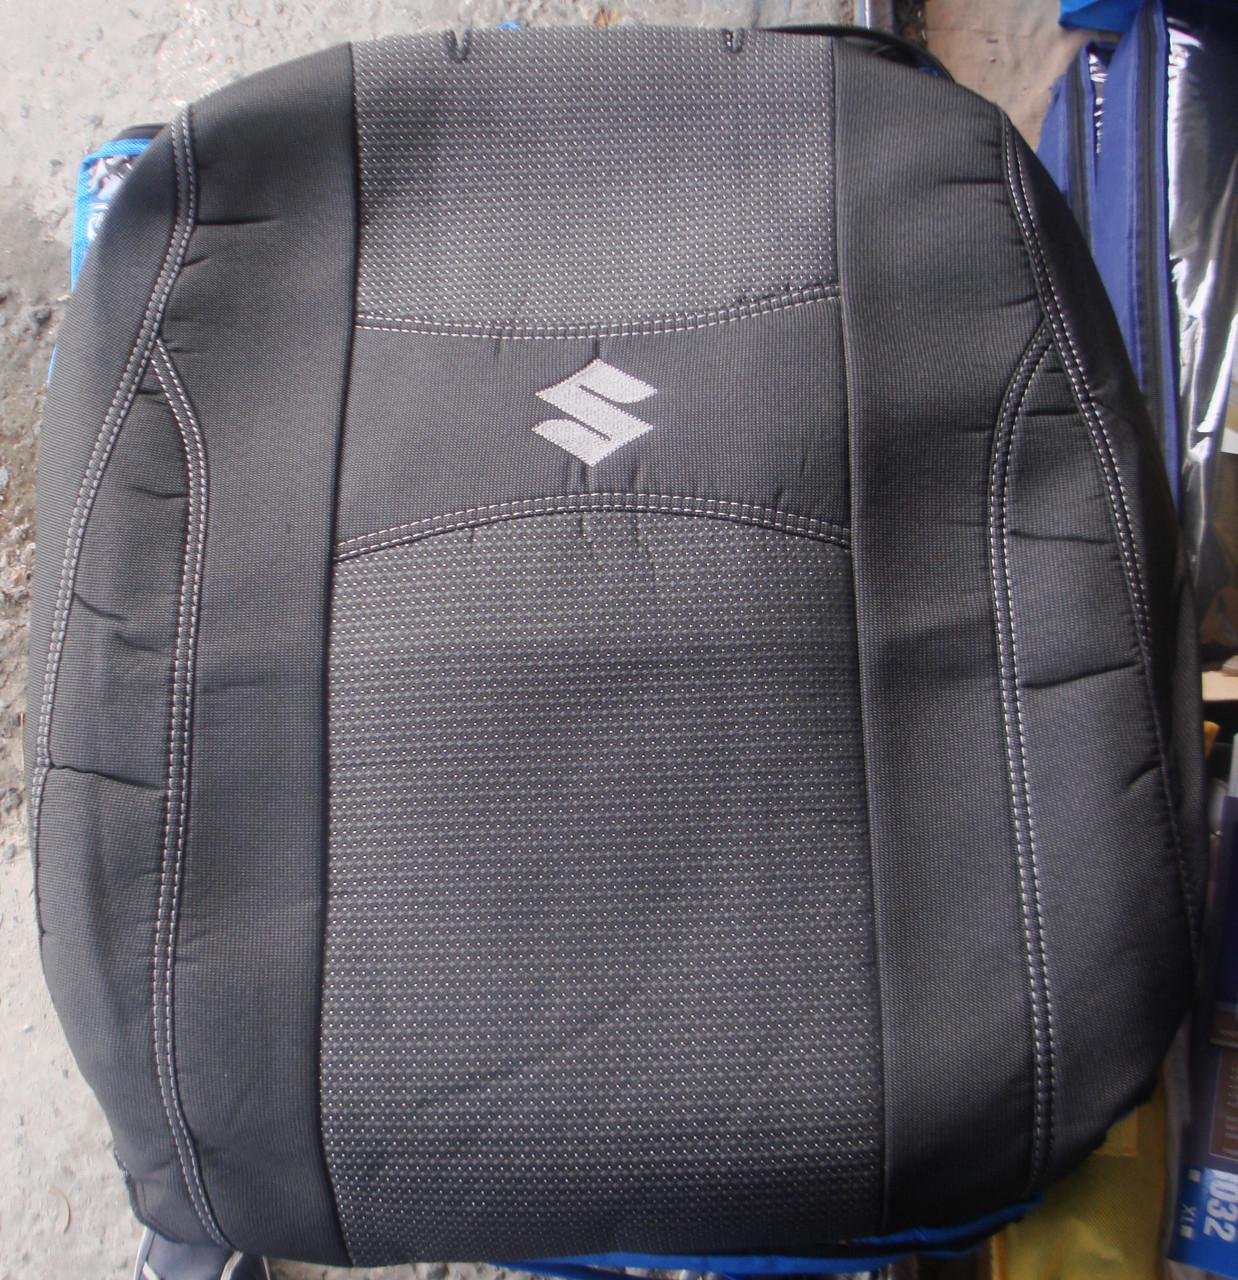 Авточехлы PREMIUM SUZUKI SX4 hatchback 2013 автомобильные модельные чехлы на для сиденья сидений салона SUZUKI Сузуки SX4